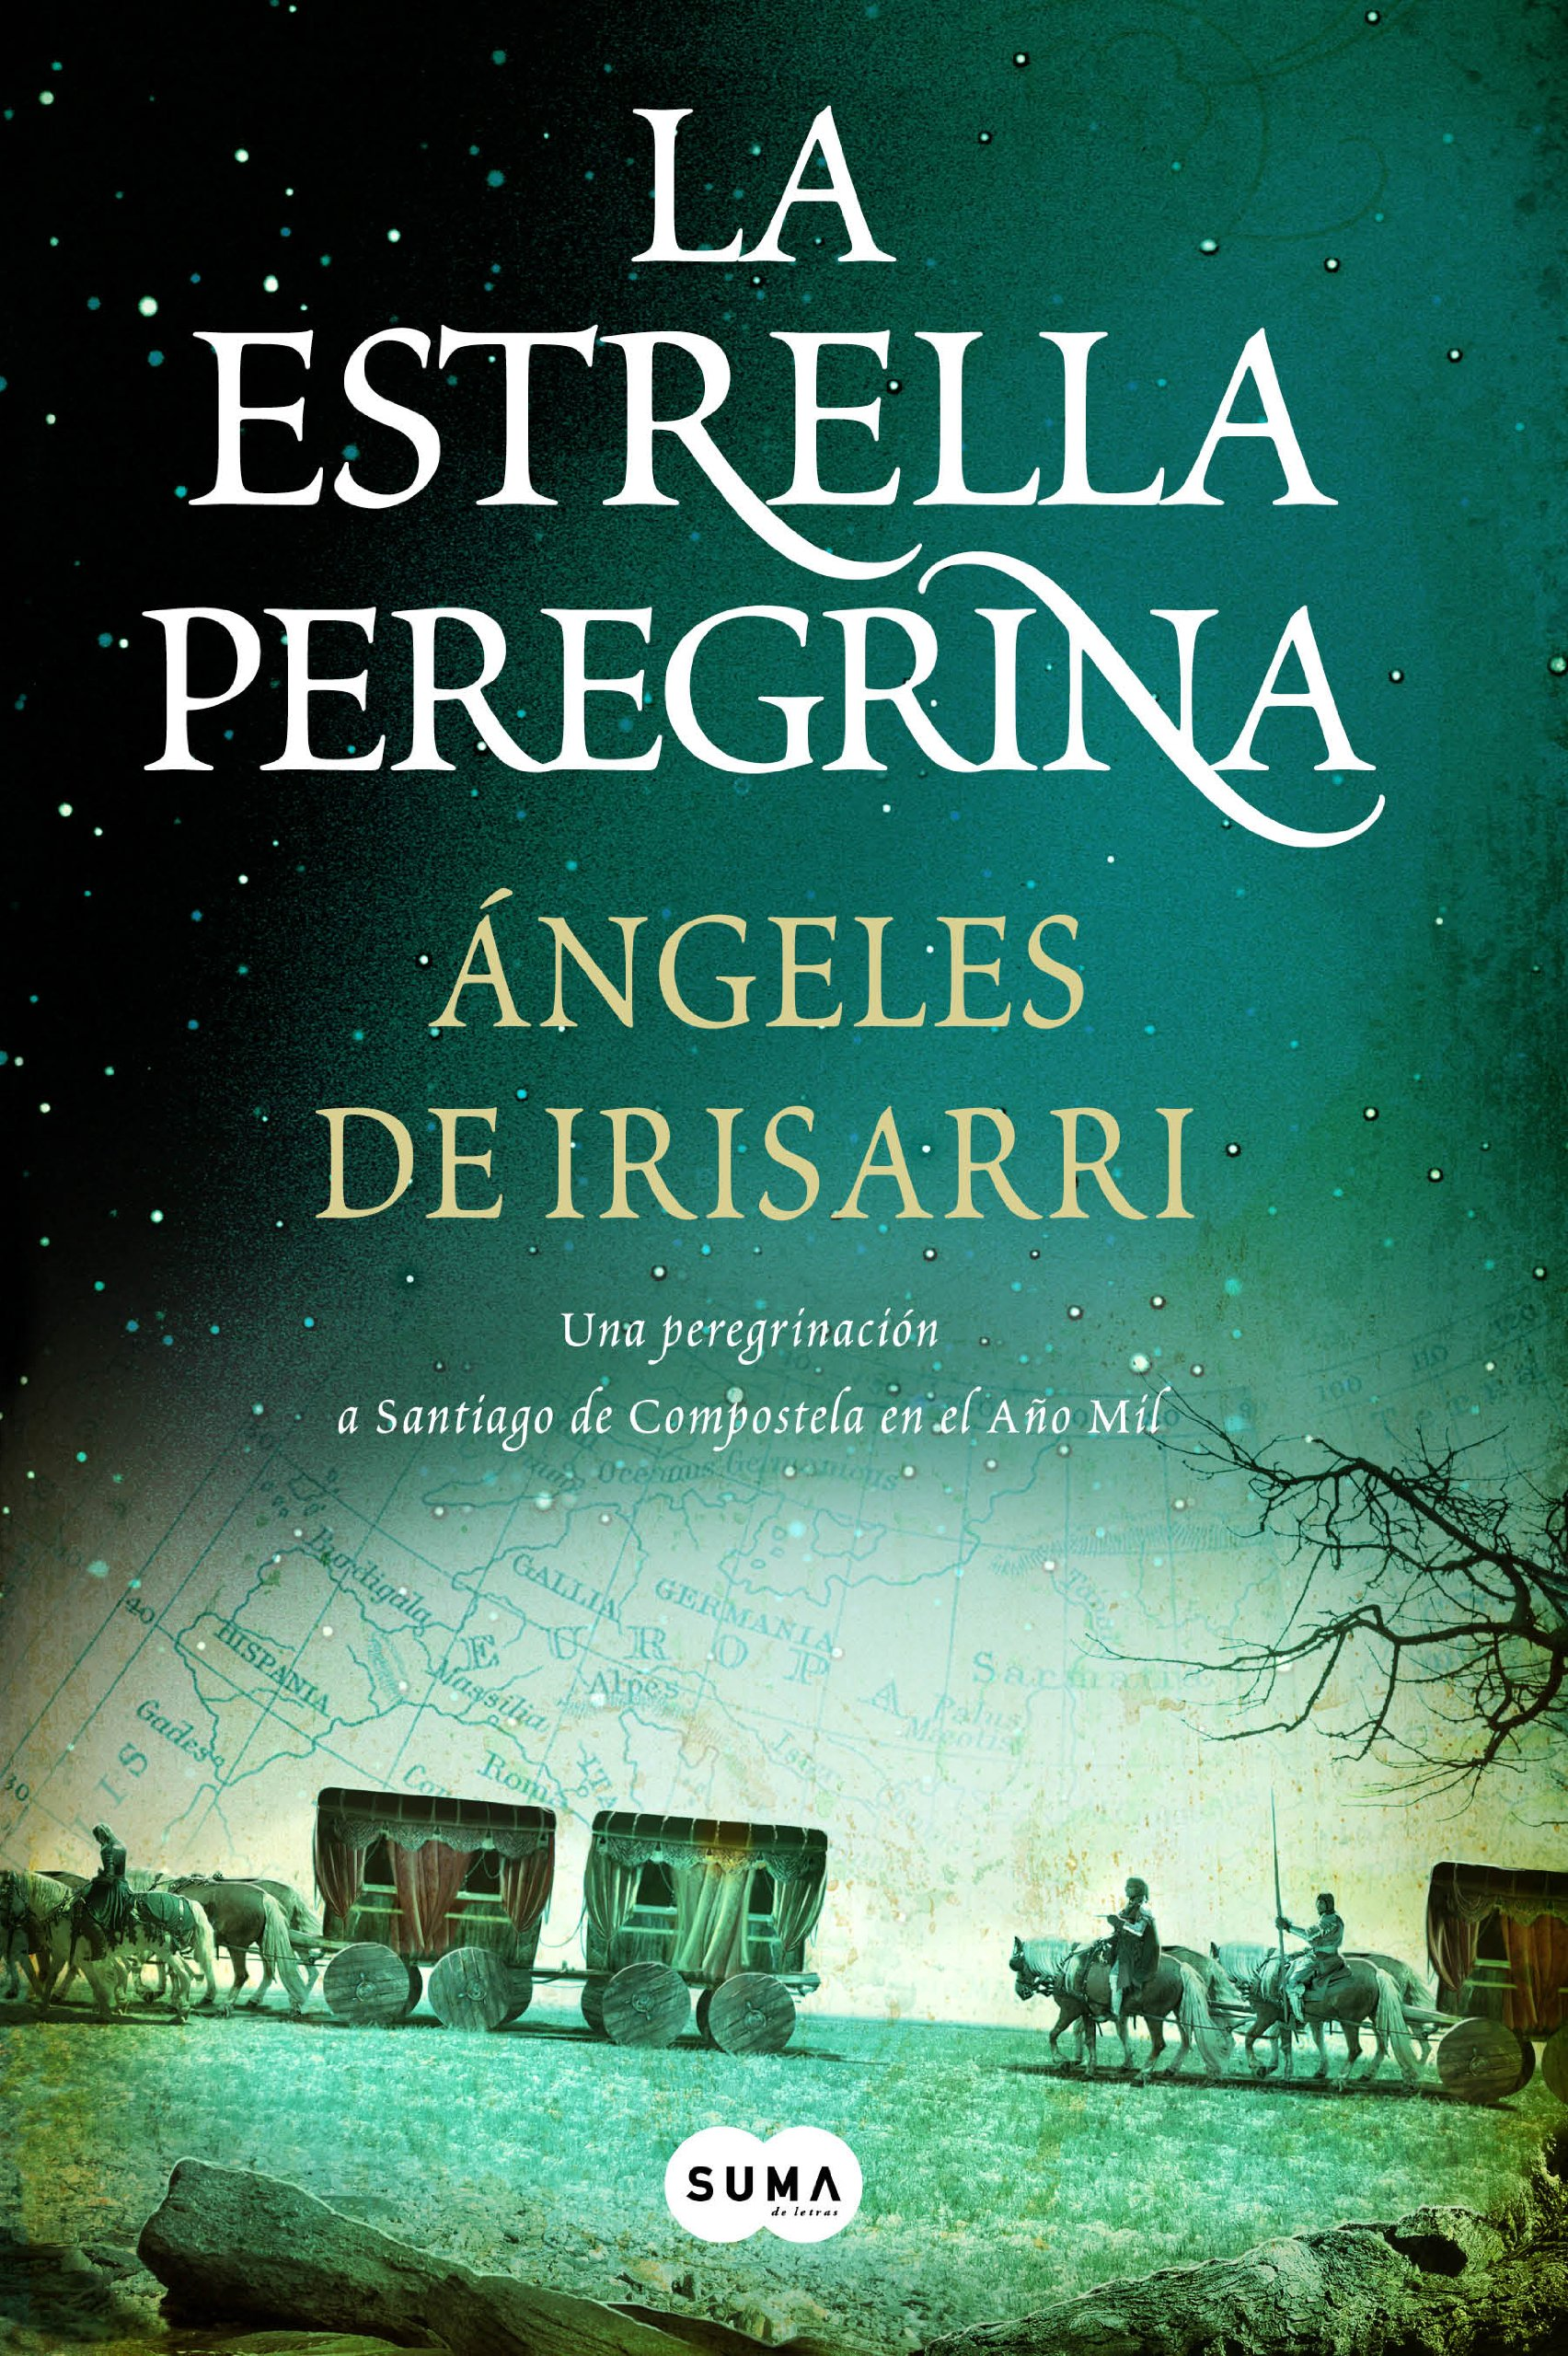 La estrella peregrina (Otros tiempos): Amazon.es: Ángeles De Irisarri: Libros